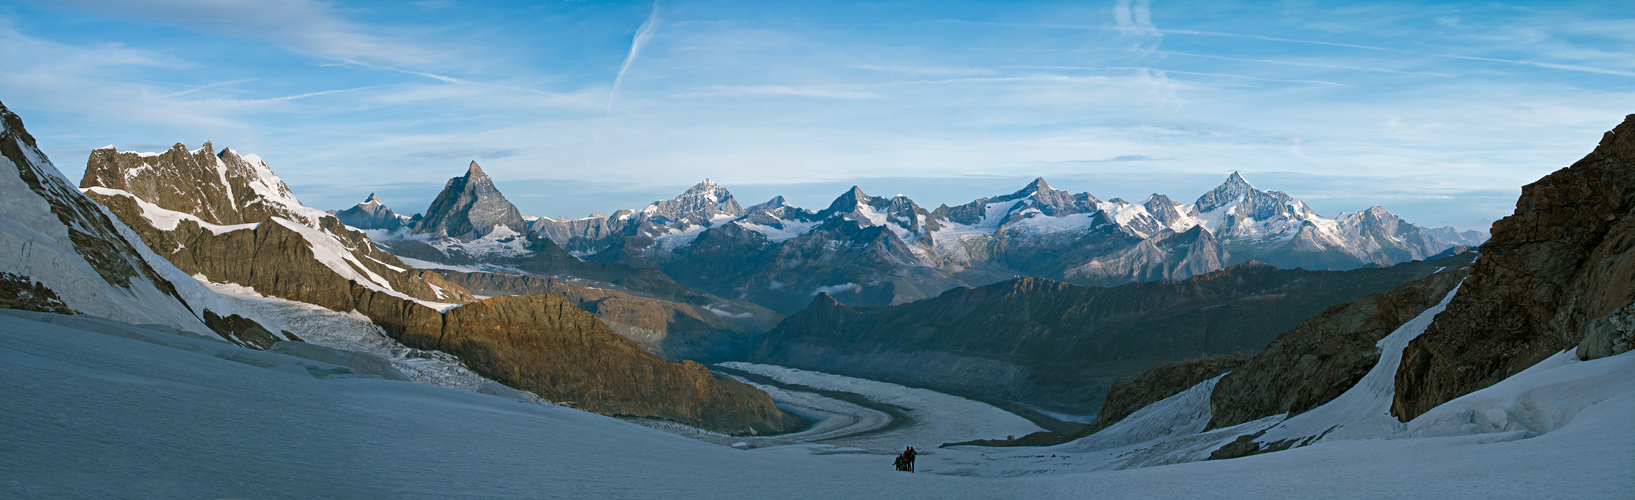 Alpenpanorama, Viertausender dicht an dicht, Foto Wolfgang Pusch